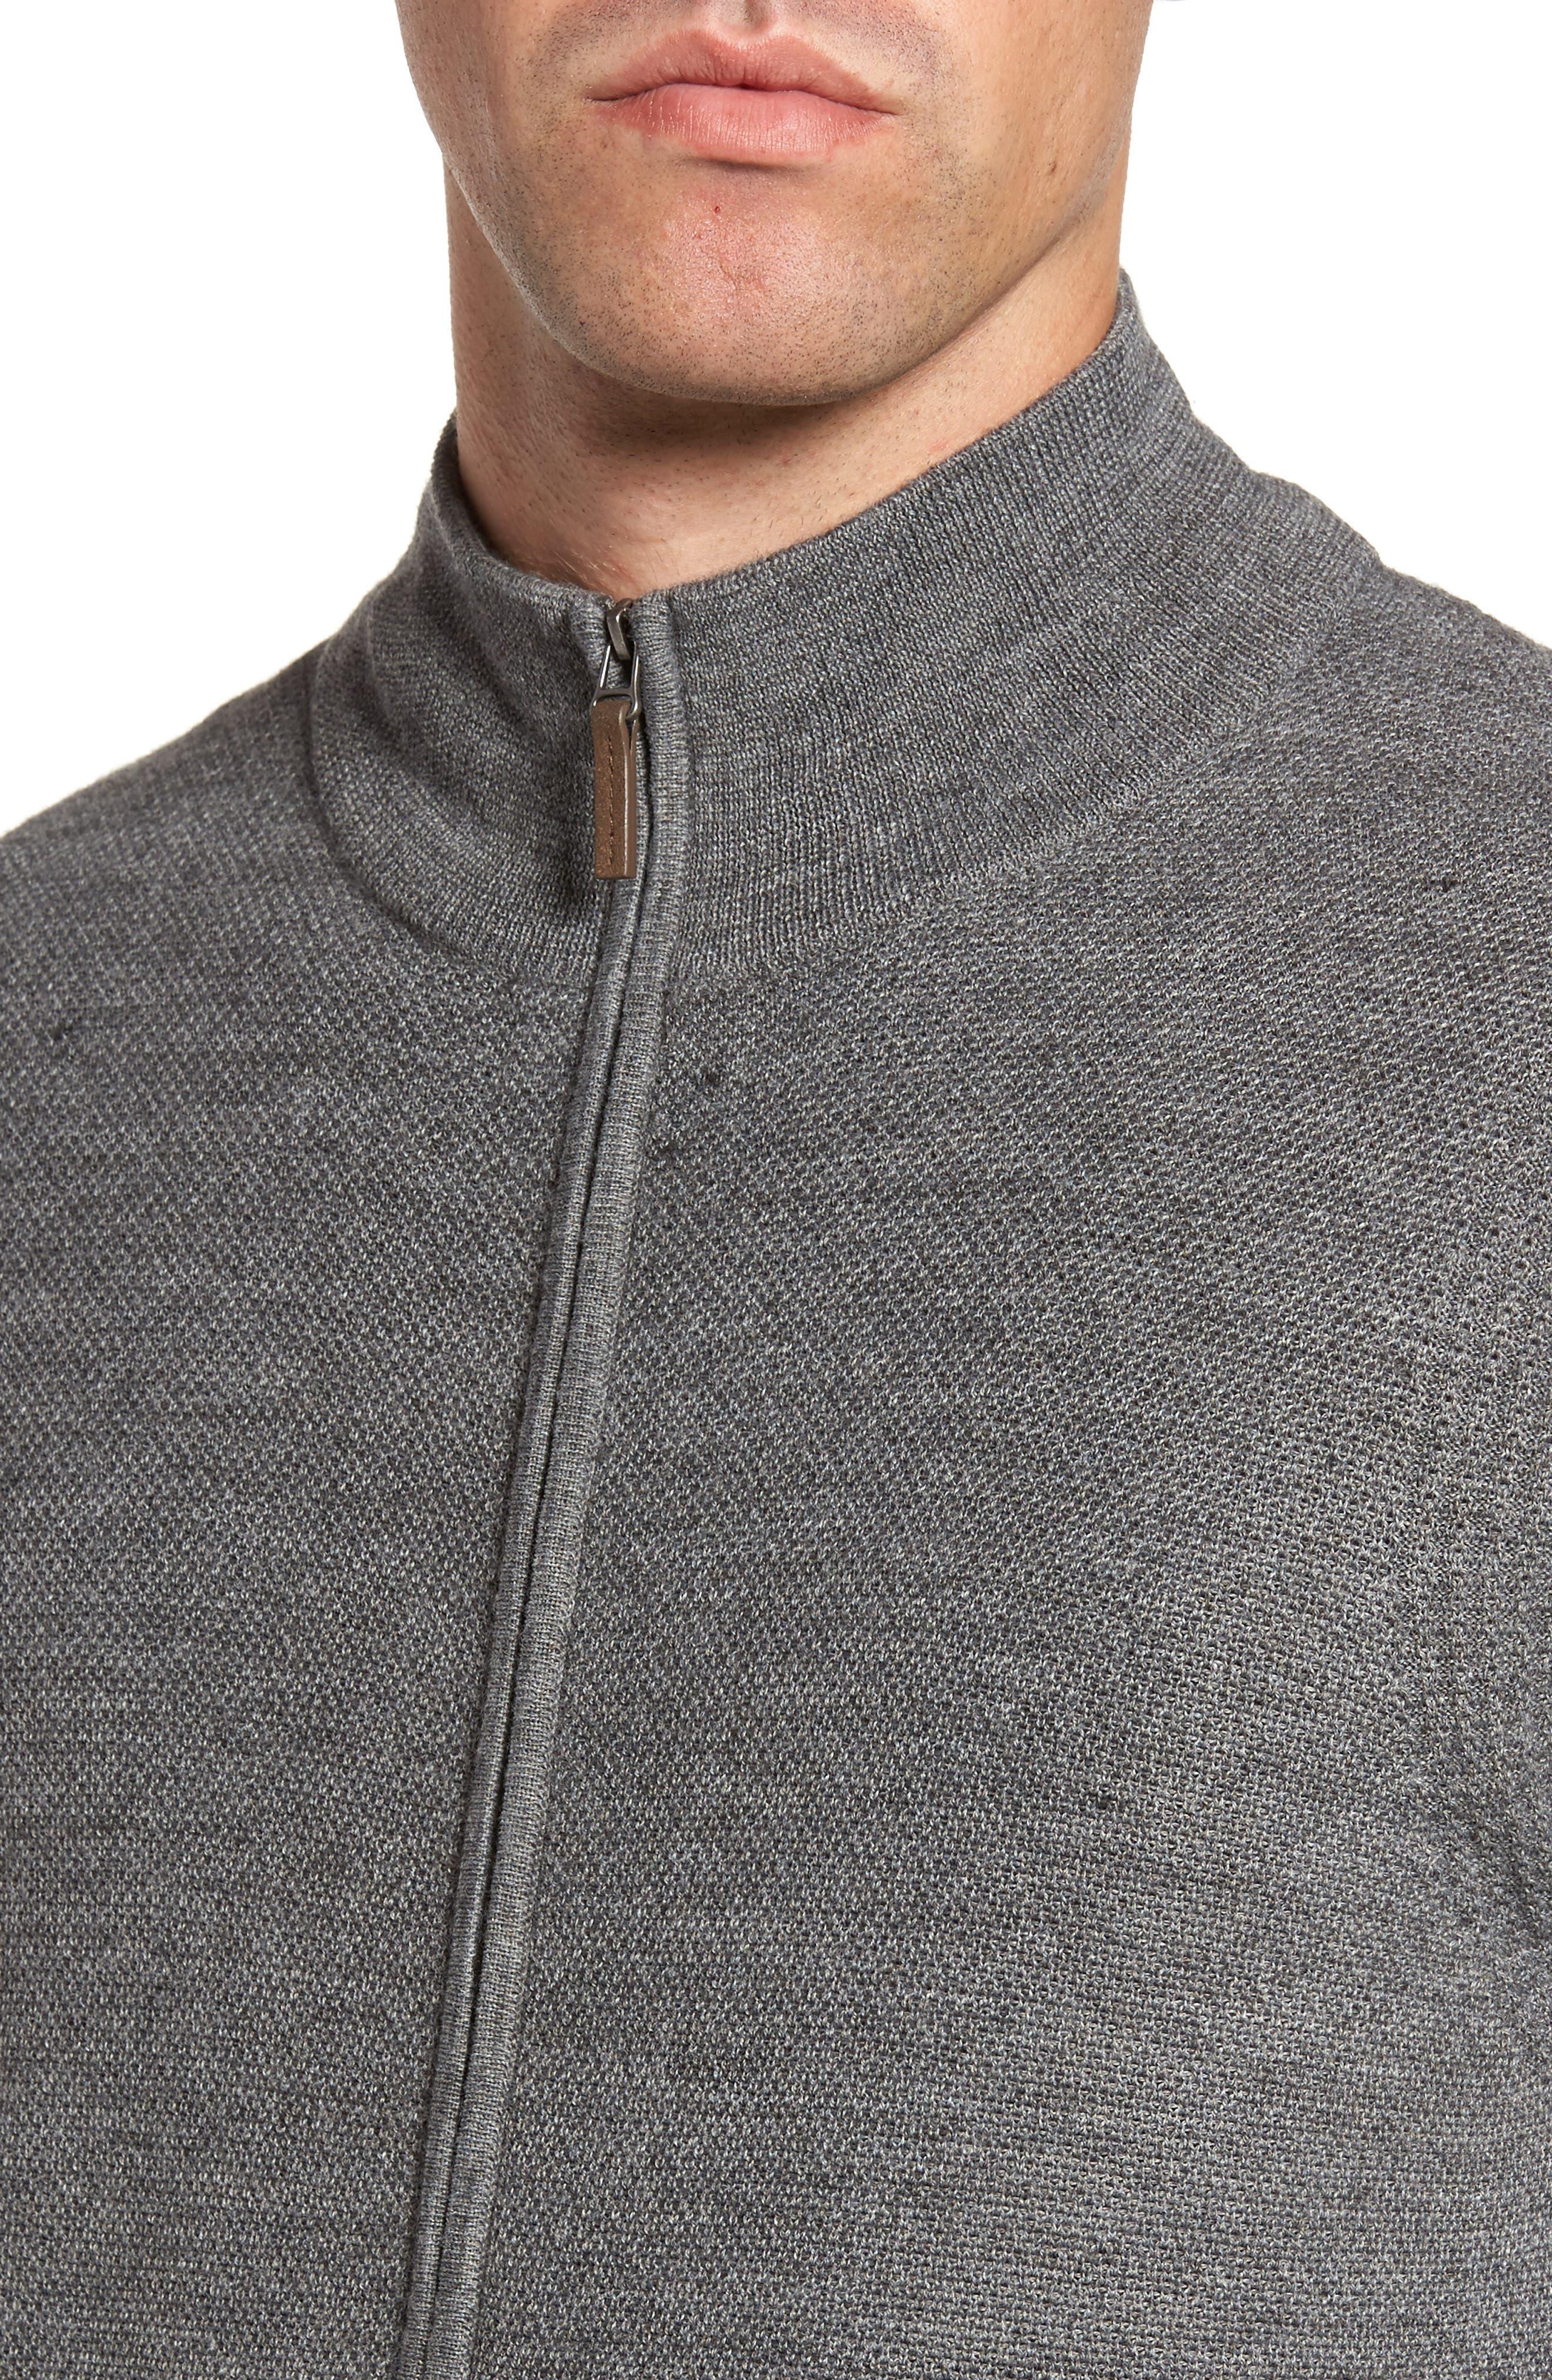 Alternate Image 4  - Nordstrom Men's Shop Honeycomb Zip Front Cardigan